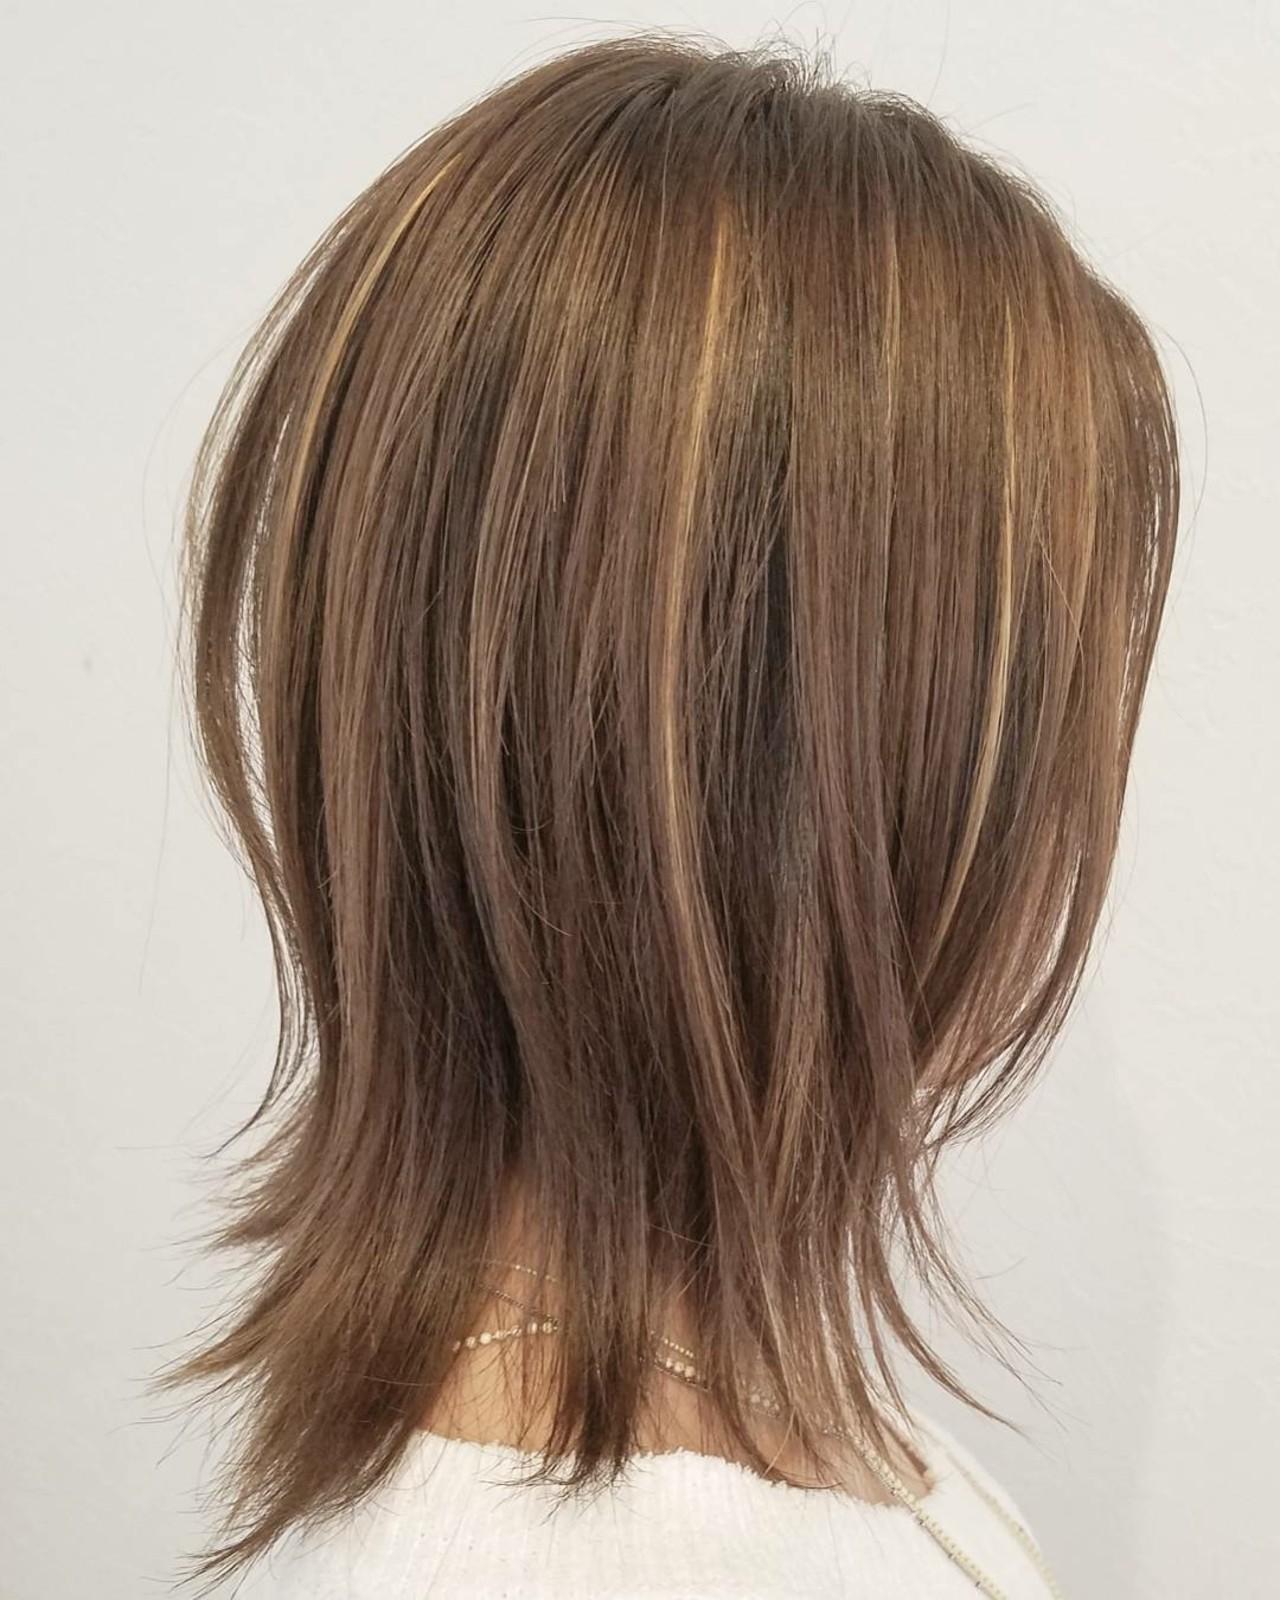 ハイライト ストリート ミディアム レイヤーカット ヘアスタイルや髪型の写真・画像